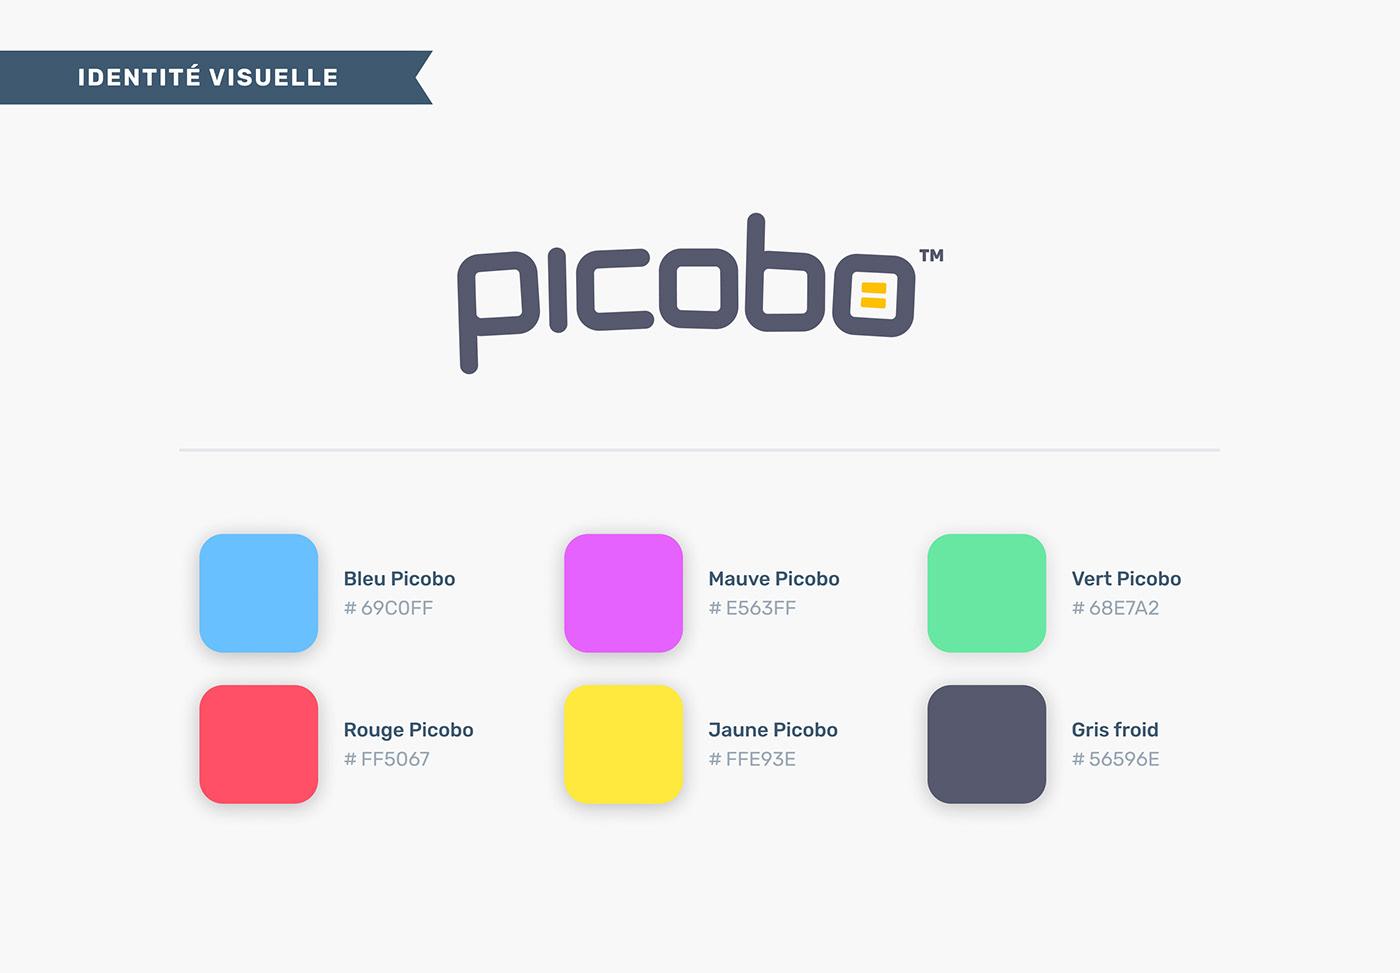 Charte graphique du jeu de société Picobo